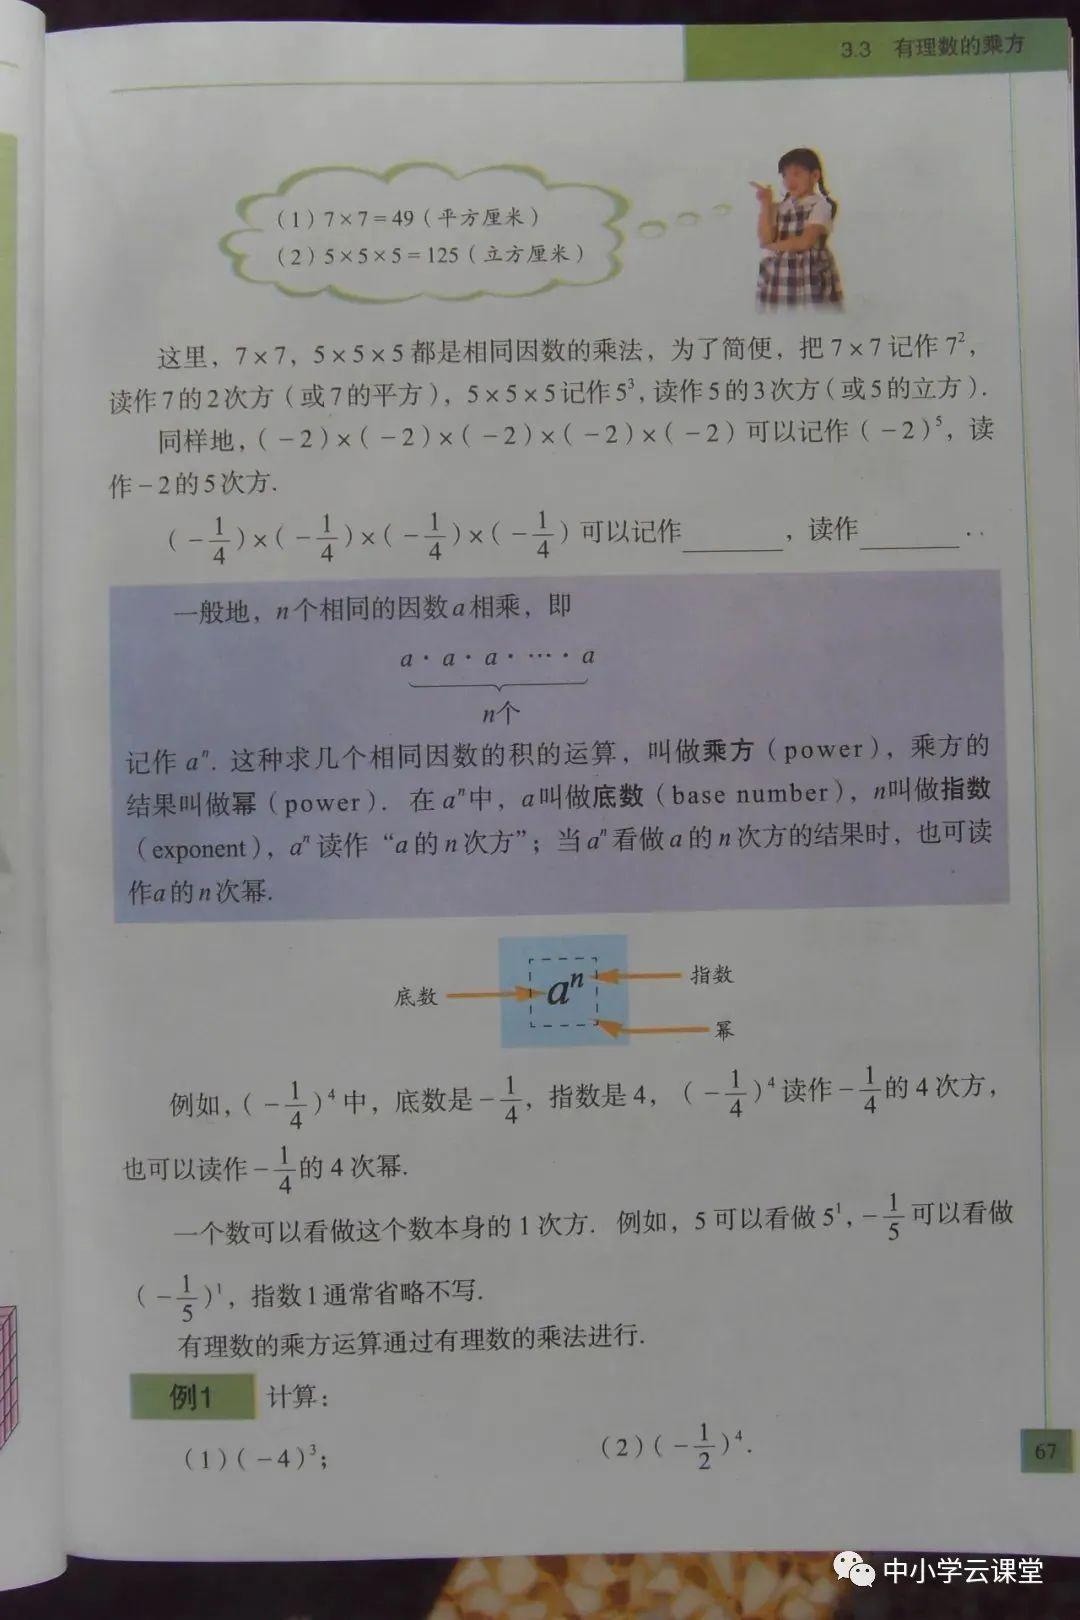 b9bdf6bb54c402e4124b68a023bd2acd.png